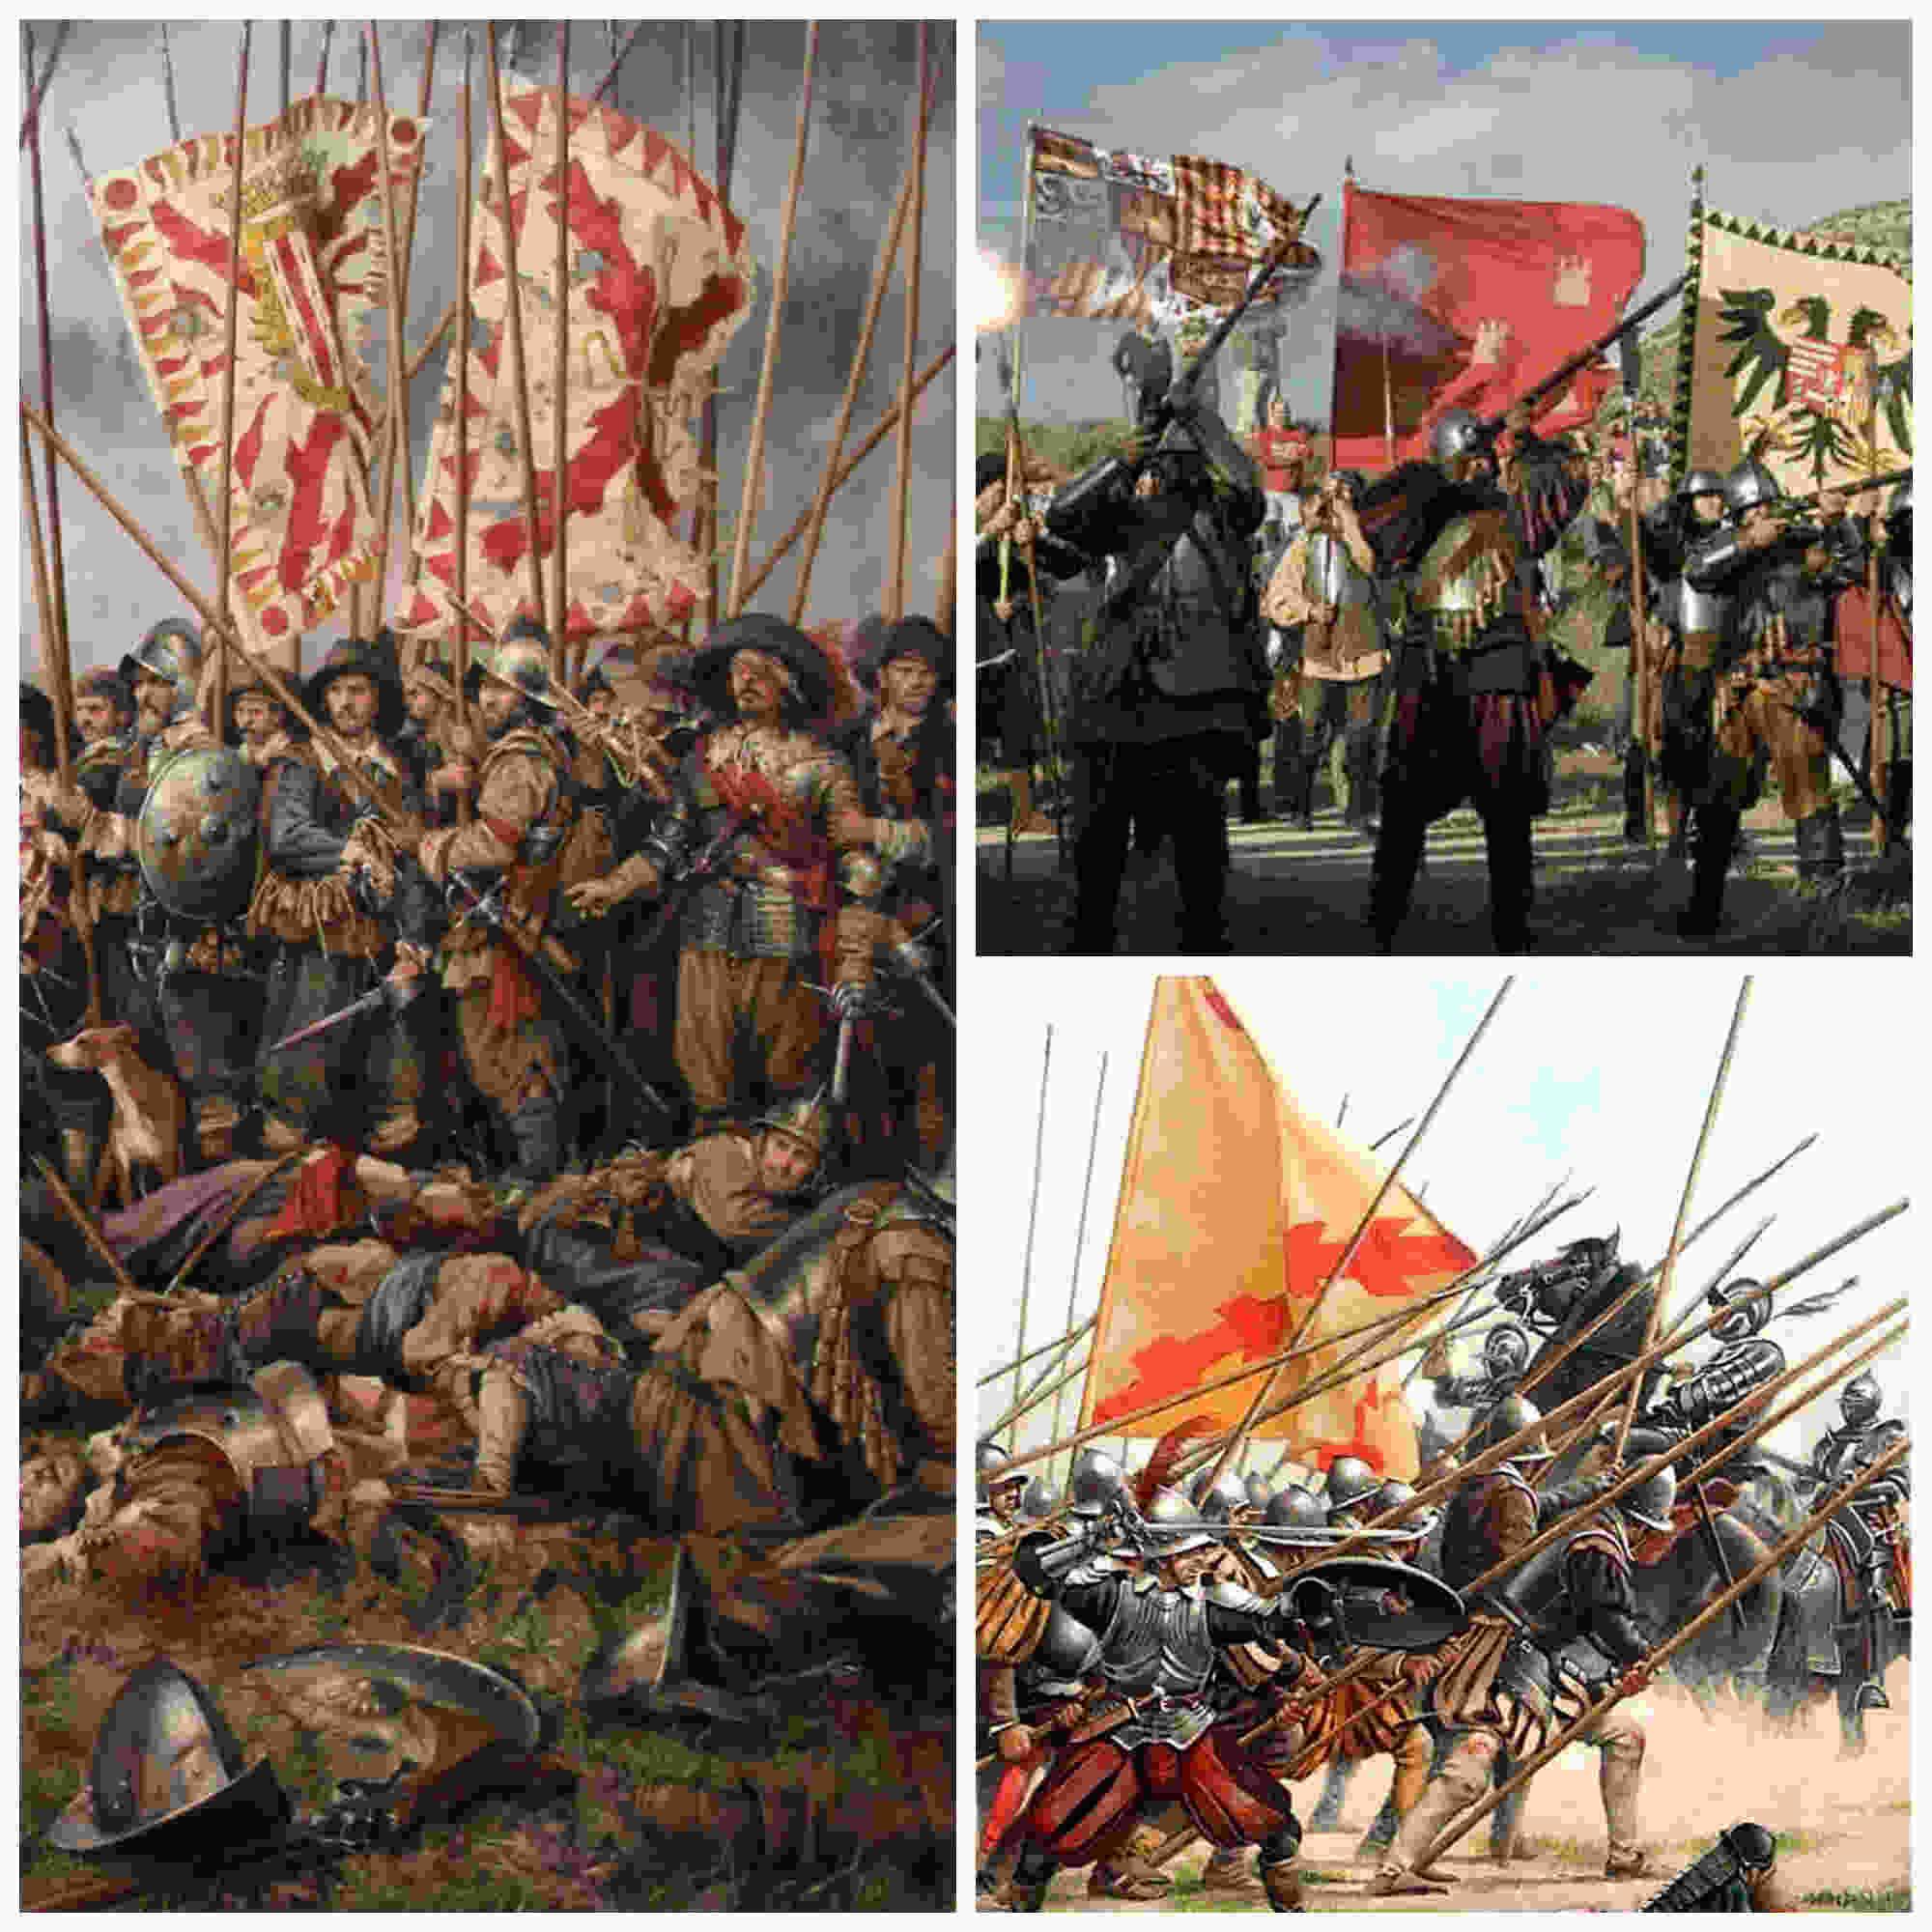 Tercios españoles, las tácticas de una fuerza de élite